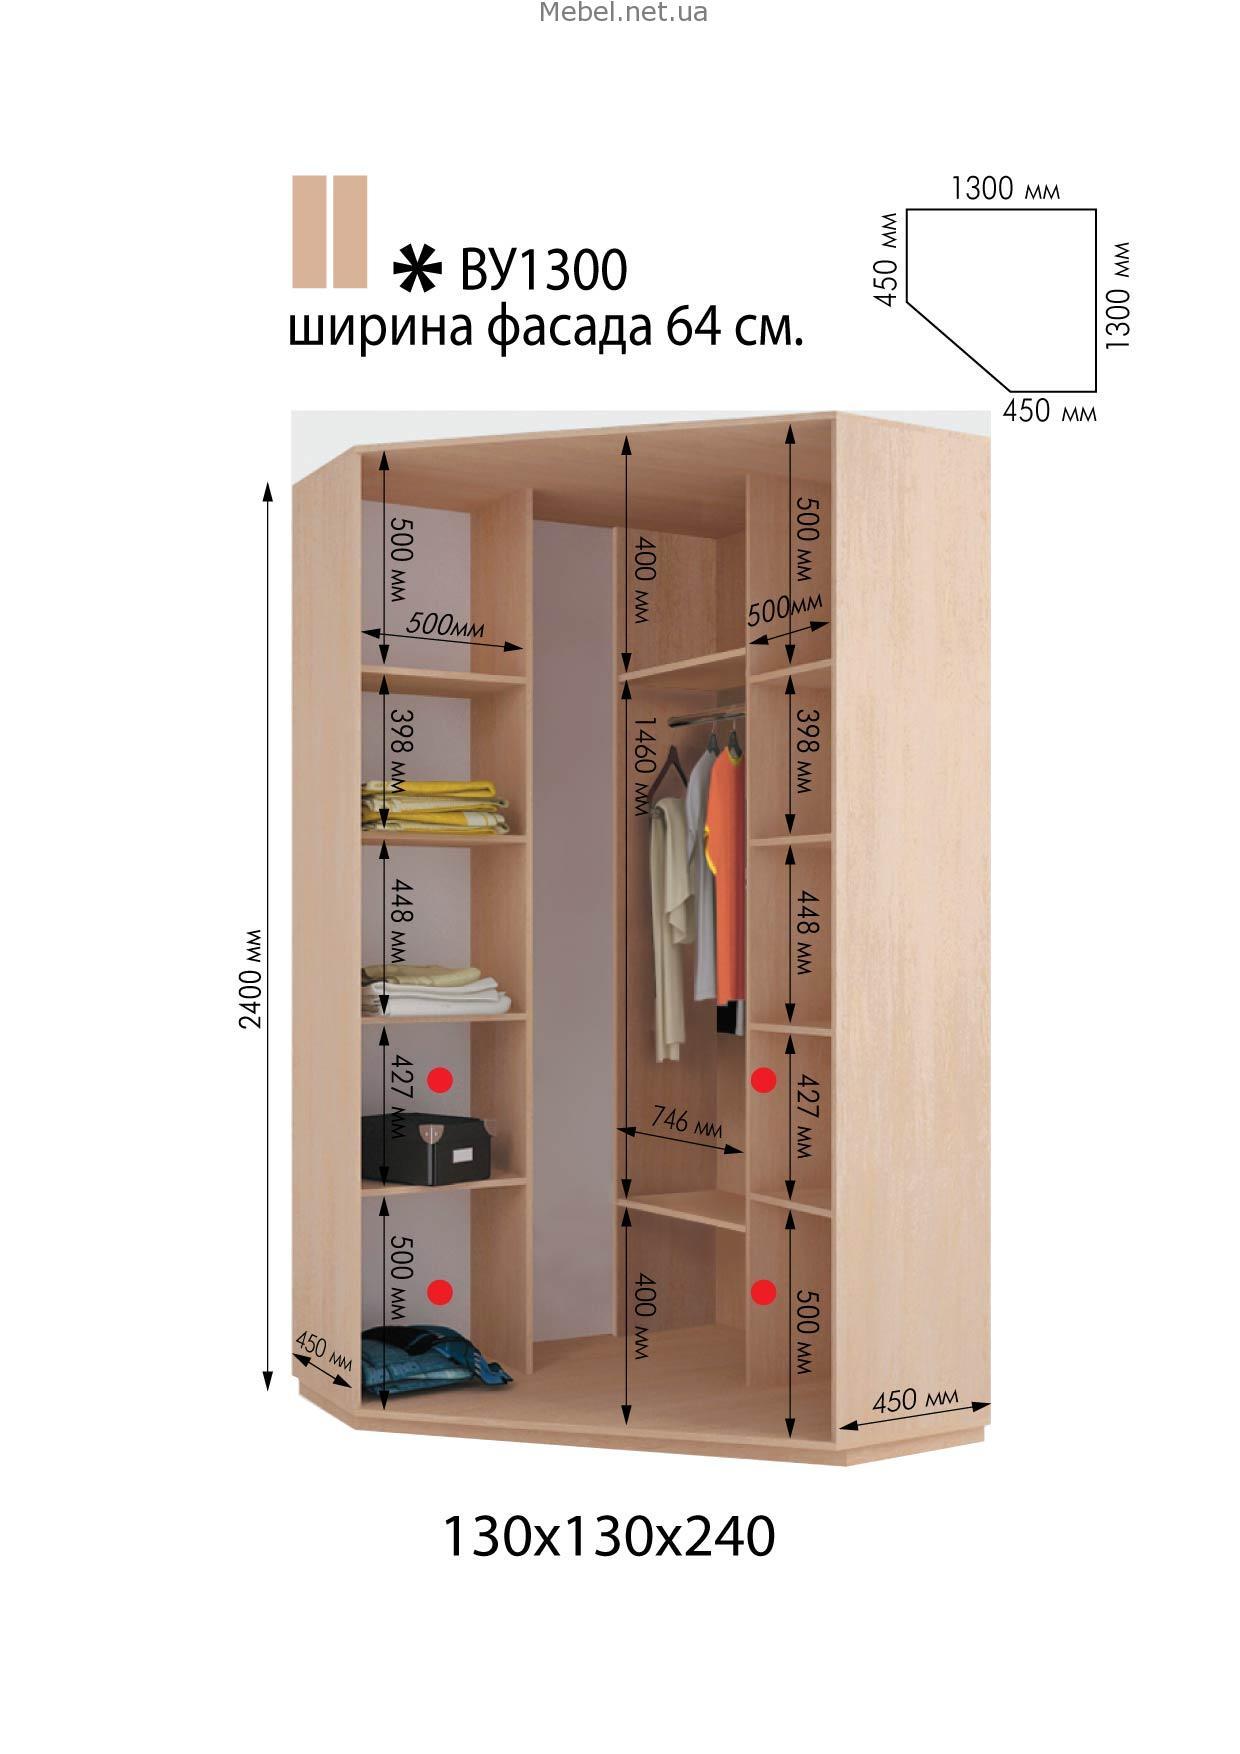 Радиусные полки ф60 (300*600) киев. готовый стандартный шкаф.